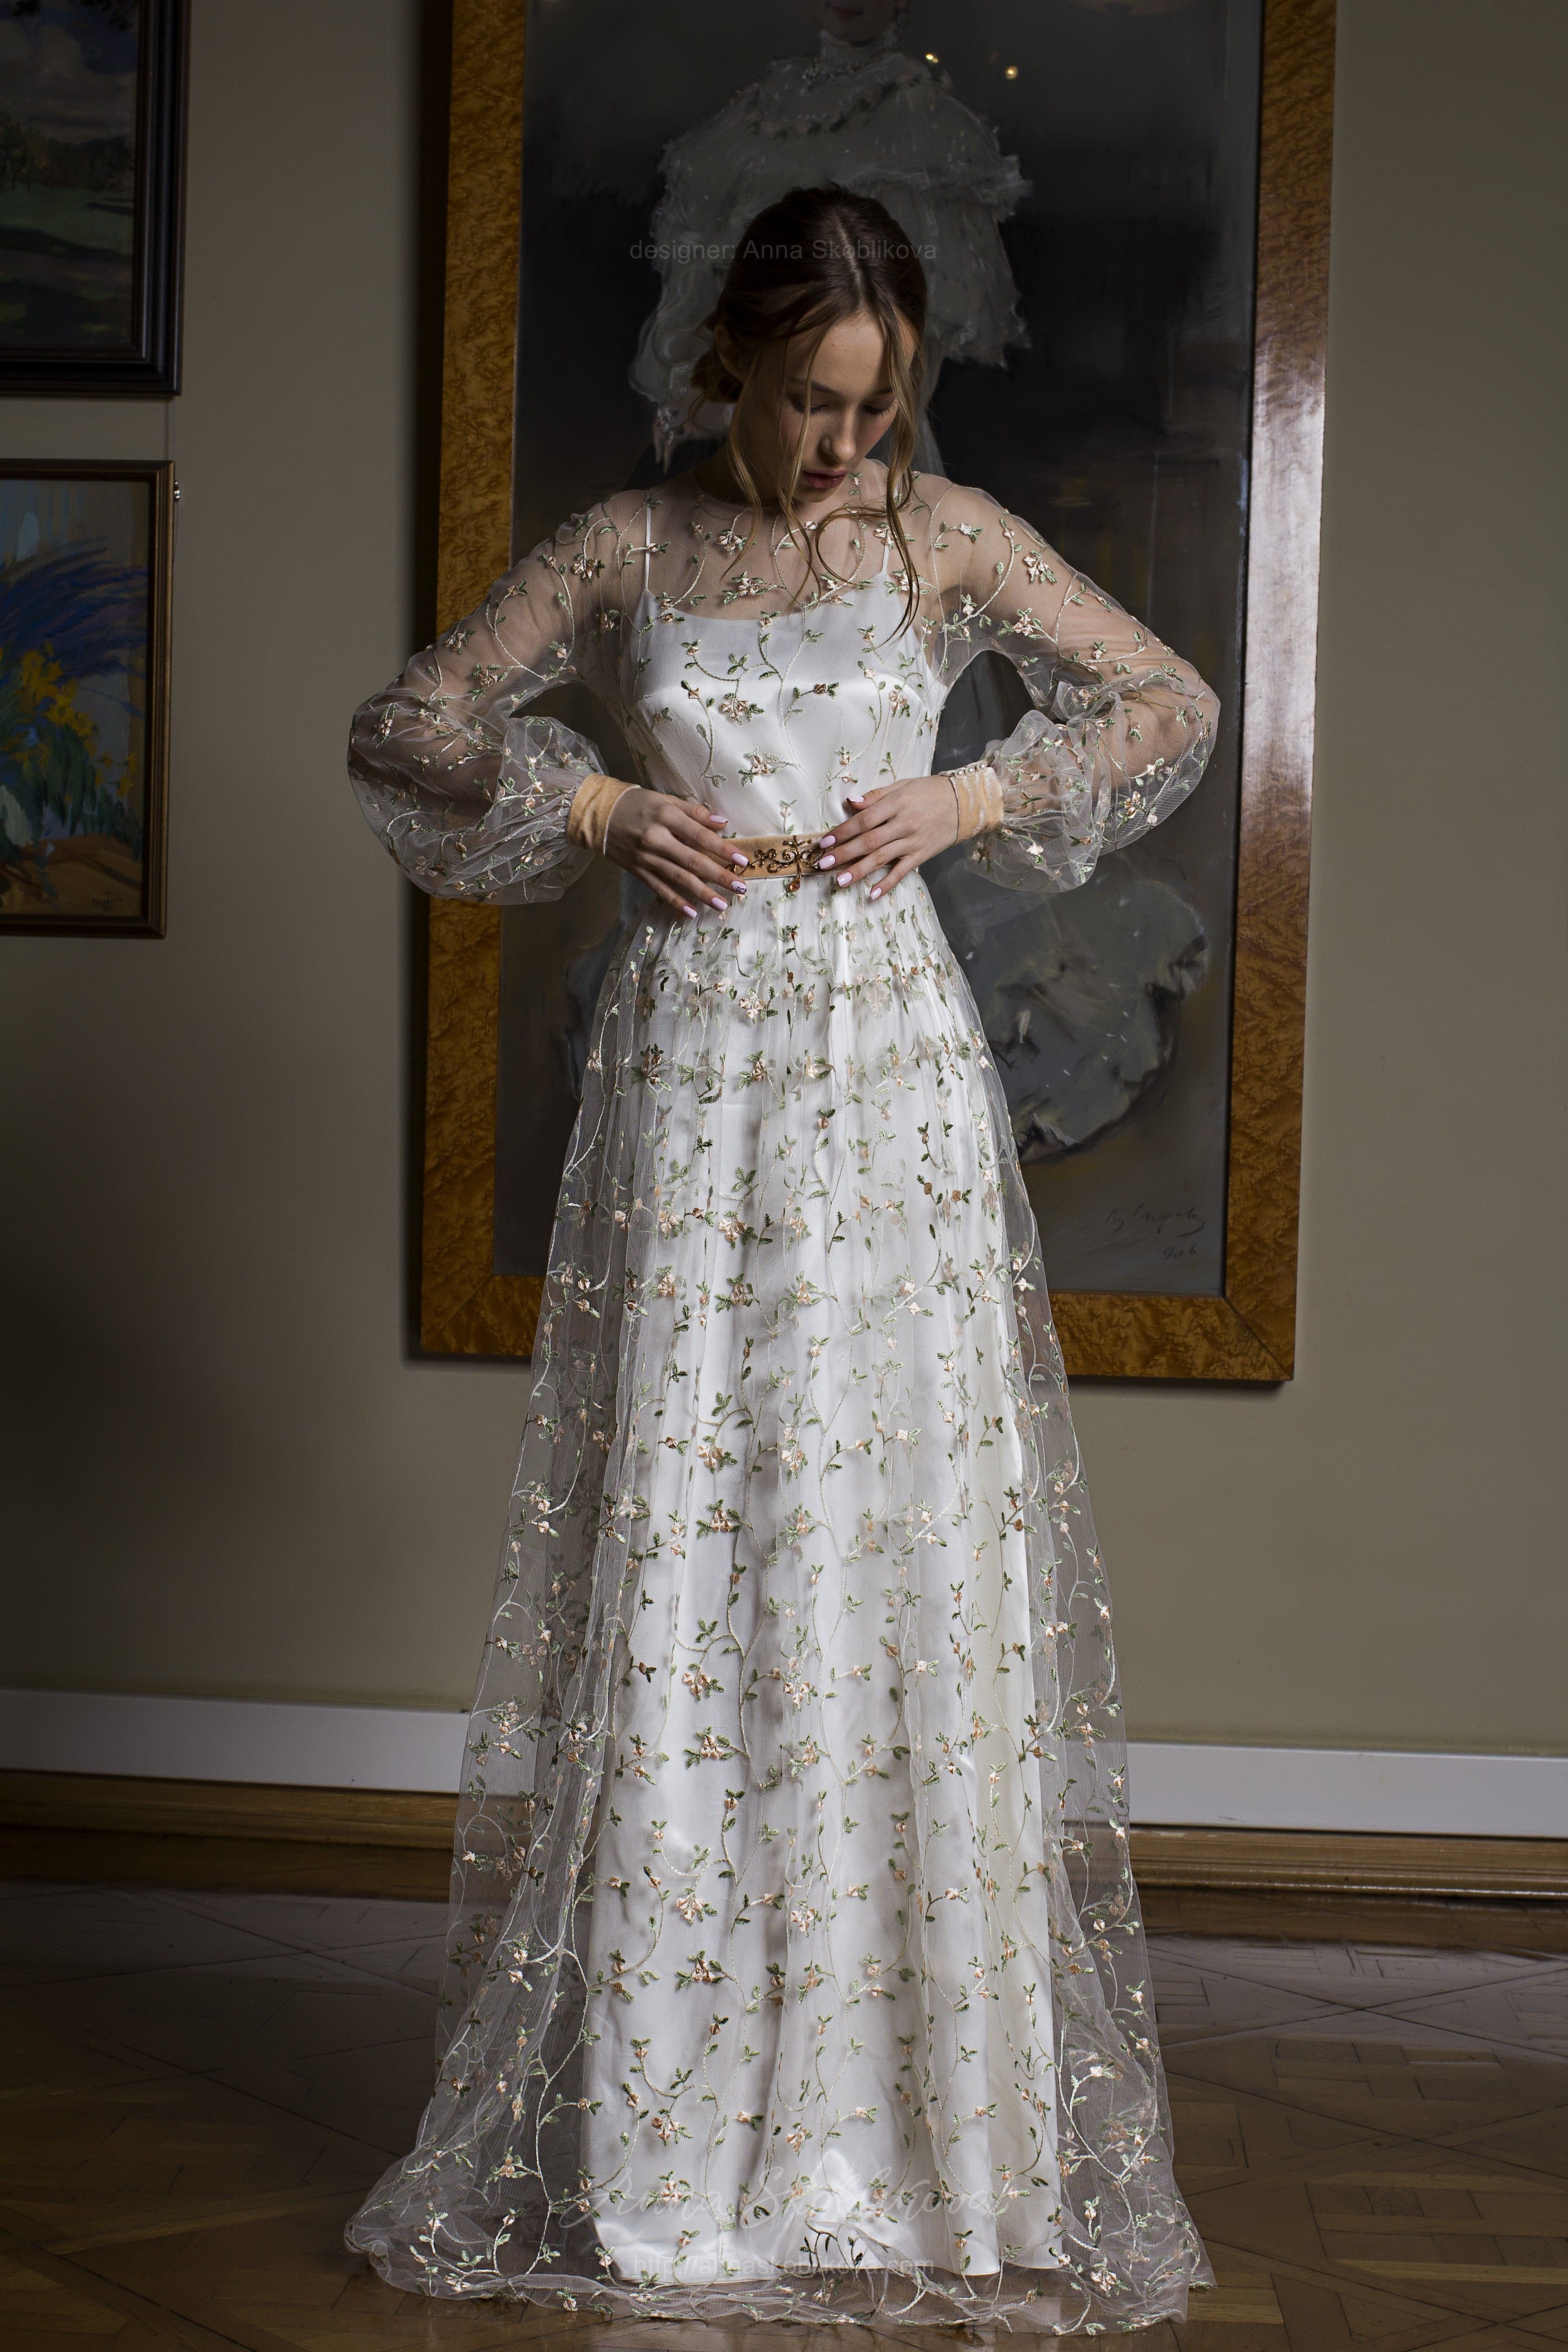 Colored Wedding Dress Camellia Alternative Wedding Dress Anna Skoblikova Simple Wedding Dress Boho Embroidered Wedding Dress Alternative Wedding Dresses